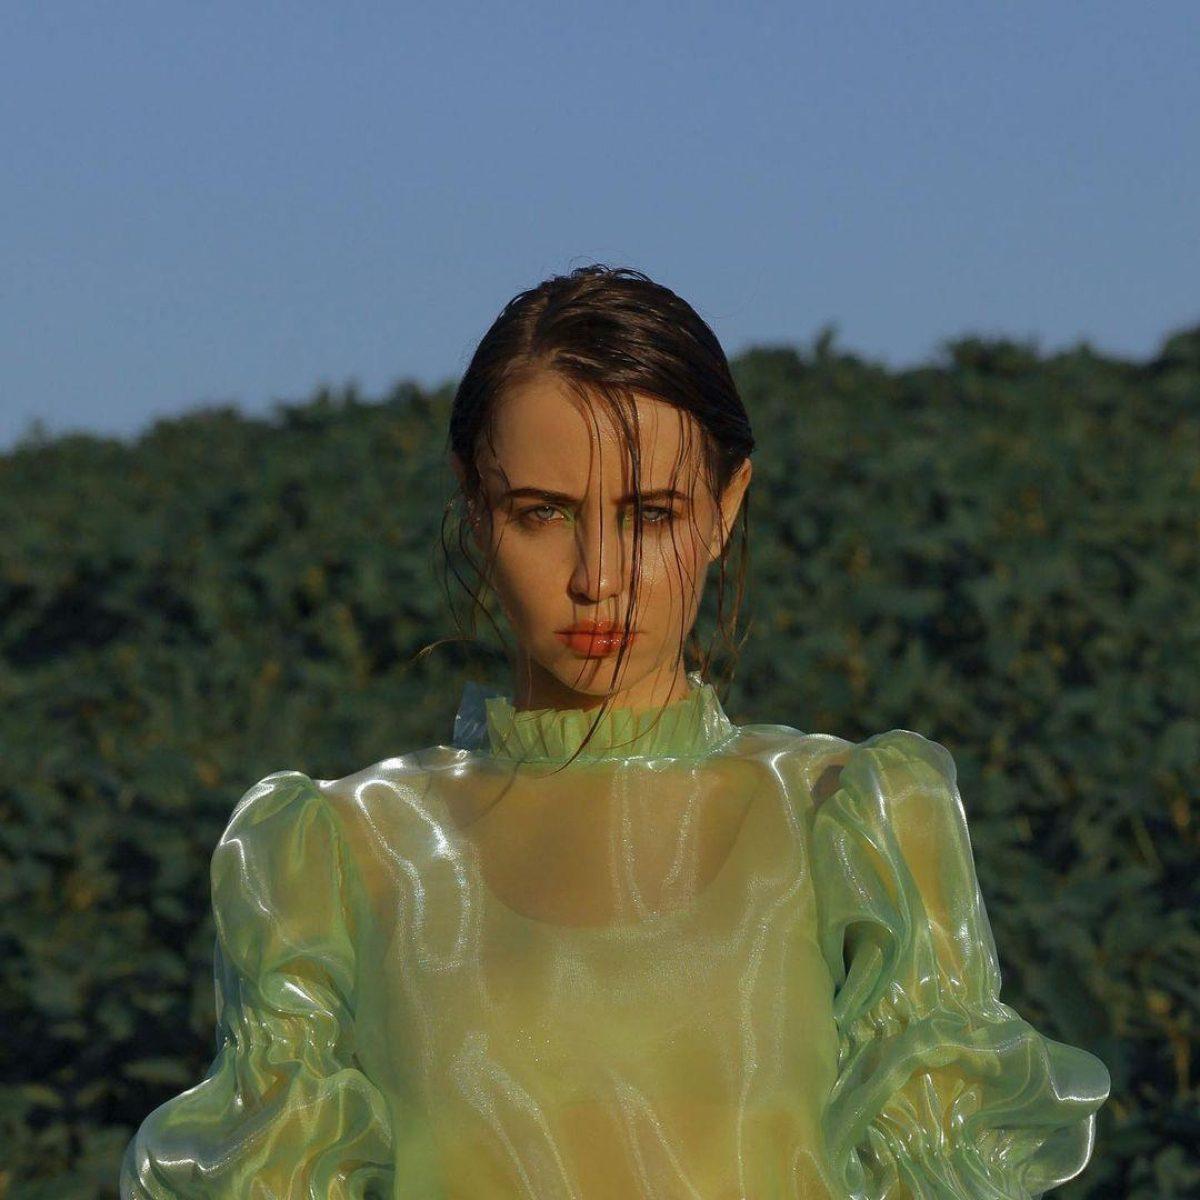 Надя Дорофеева — певица в мини-платье похвасталась стройной фигурой